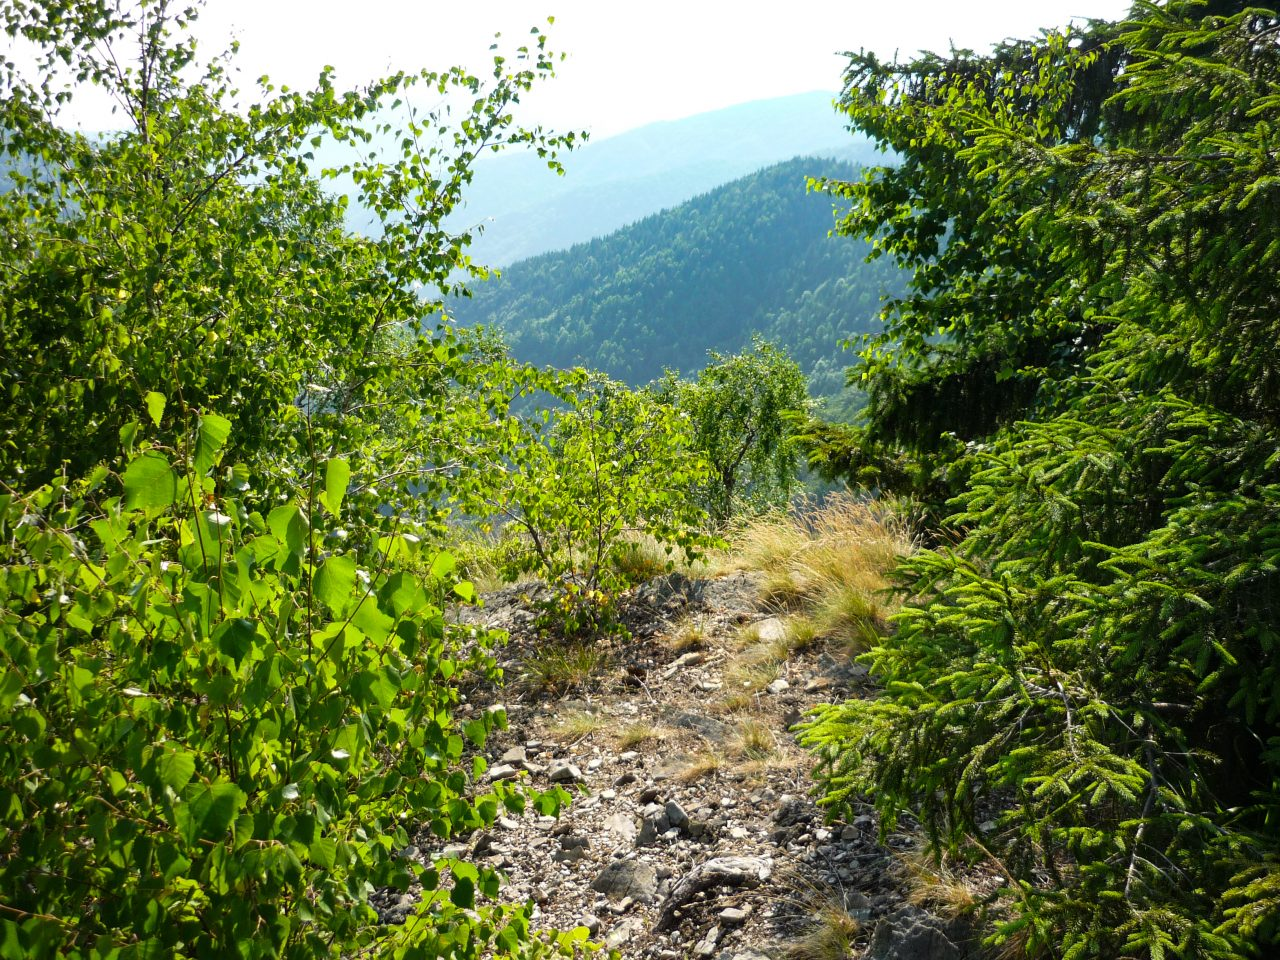 Gyönyörű a sziklafal mögötti völgy, mely egészen Vasaskőfalváig nyúlik